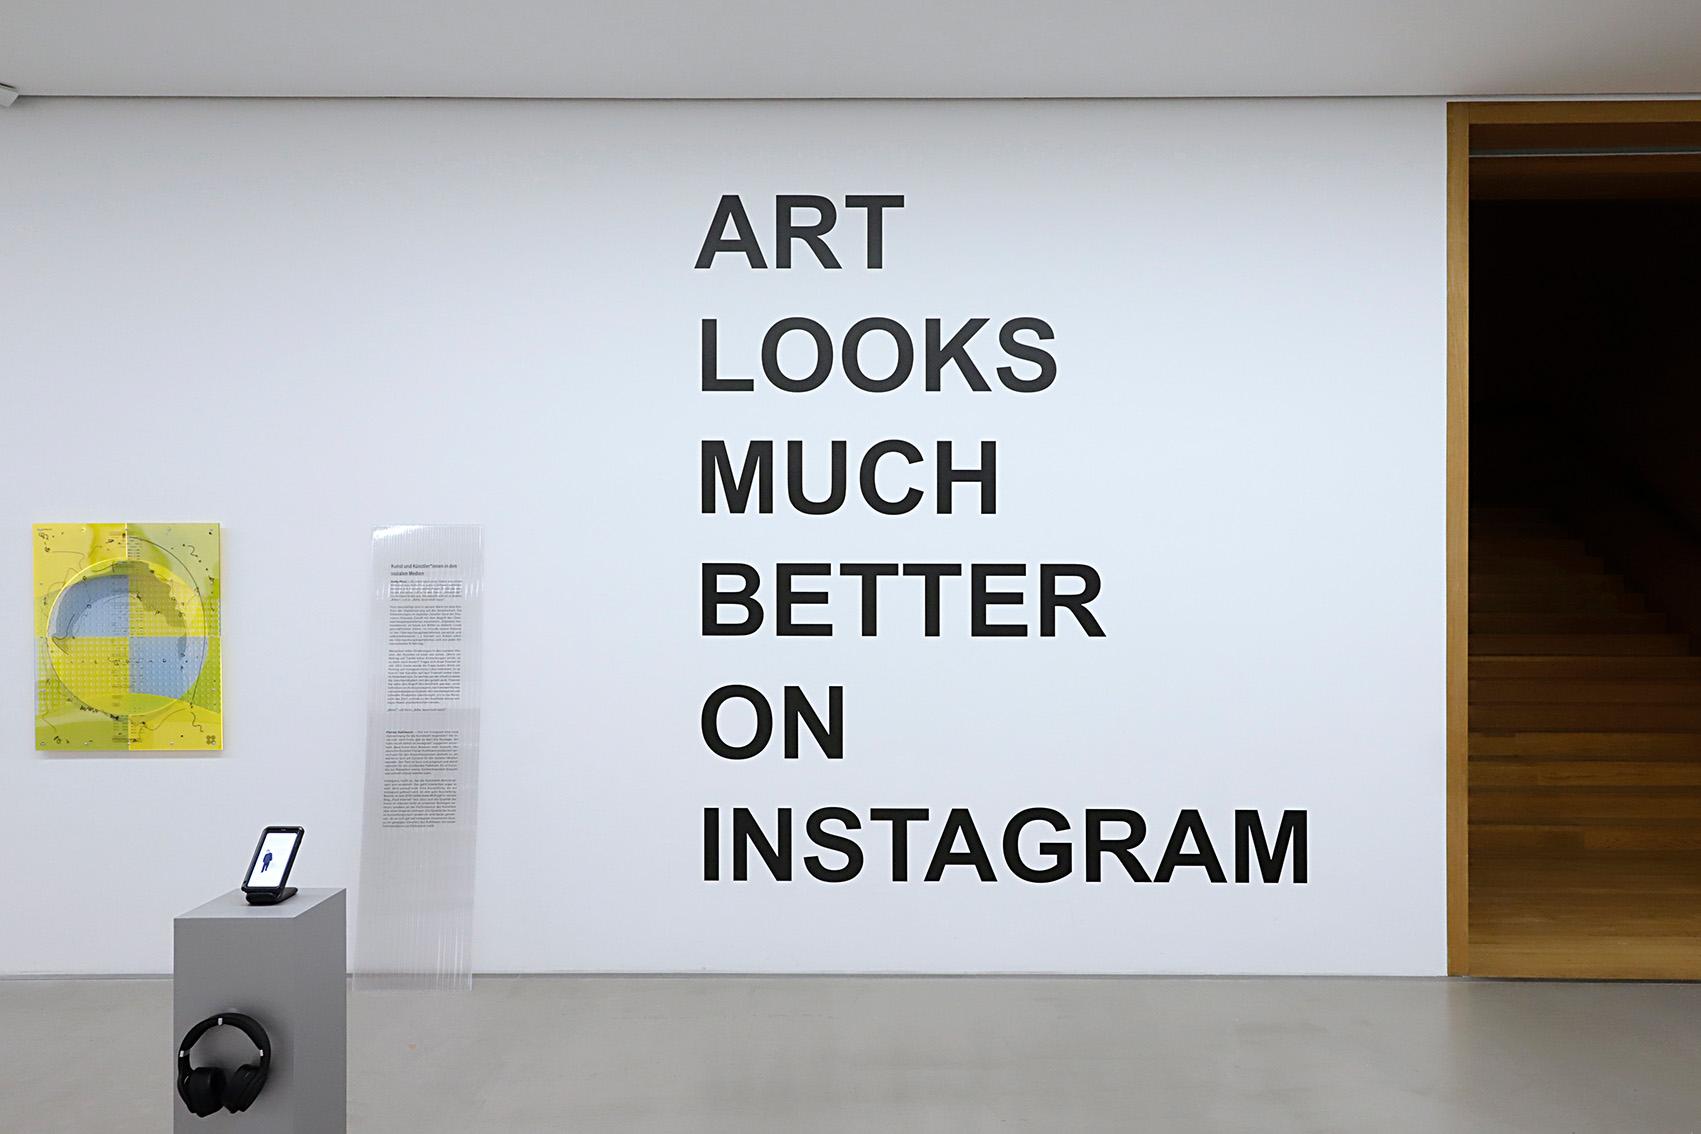 ART LOOKS MUCH BETTER ON INSTAGRAM